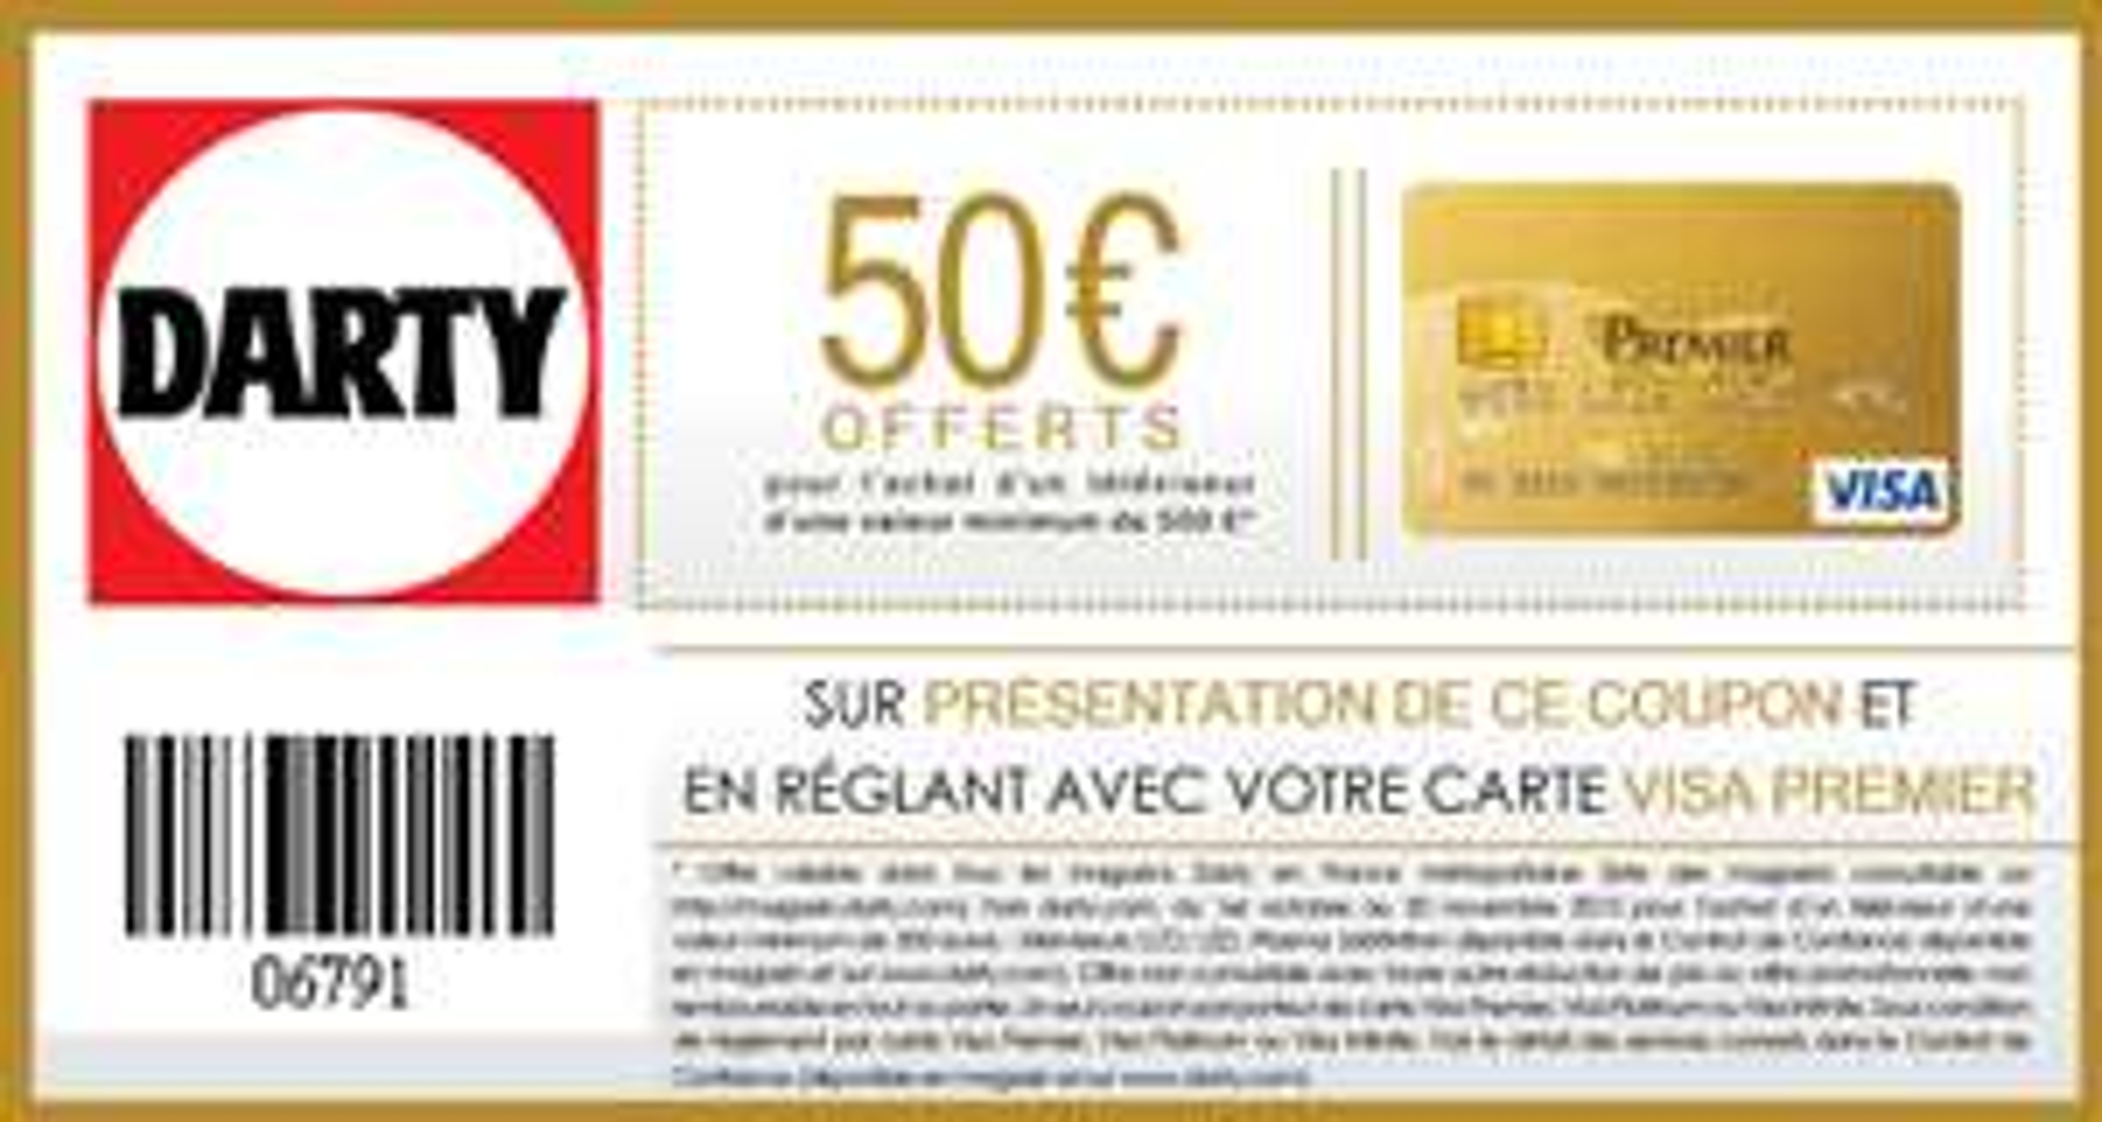 50€ offerts pour l'achat d'un téléviseur d'une valeur minimum de 500€ (détenteurs carte Visa Premier)